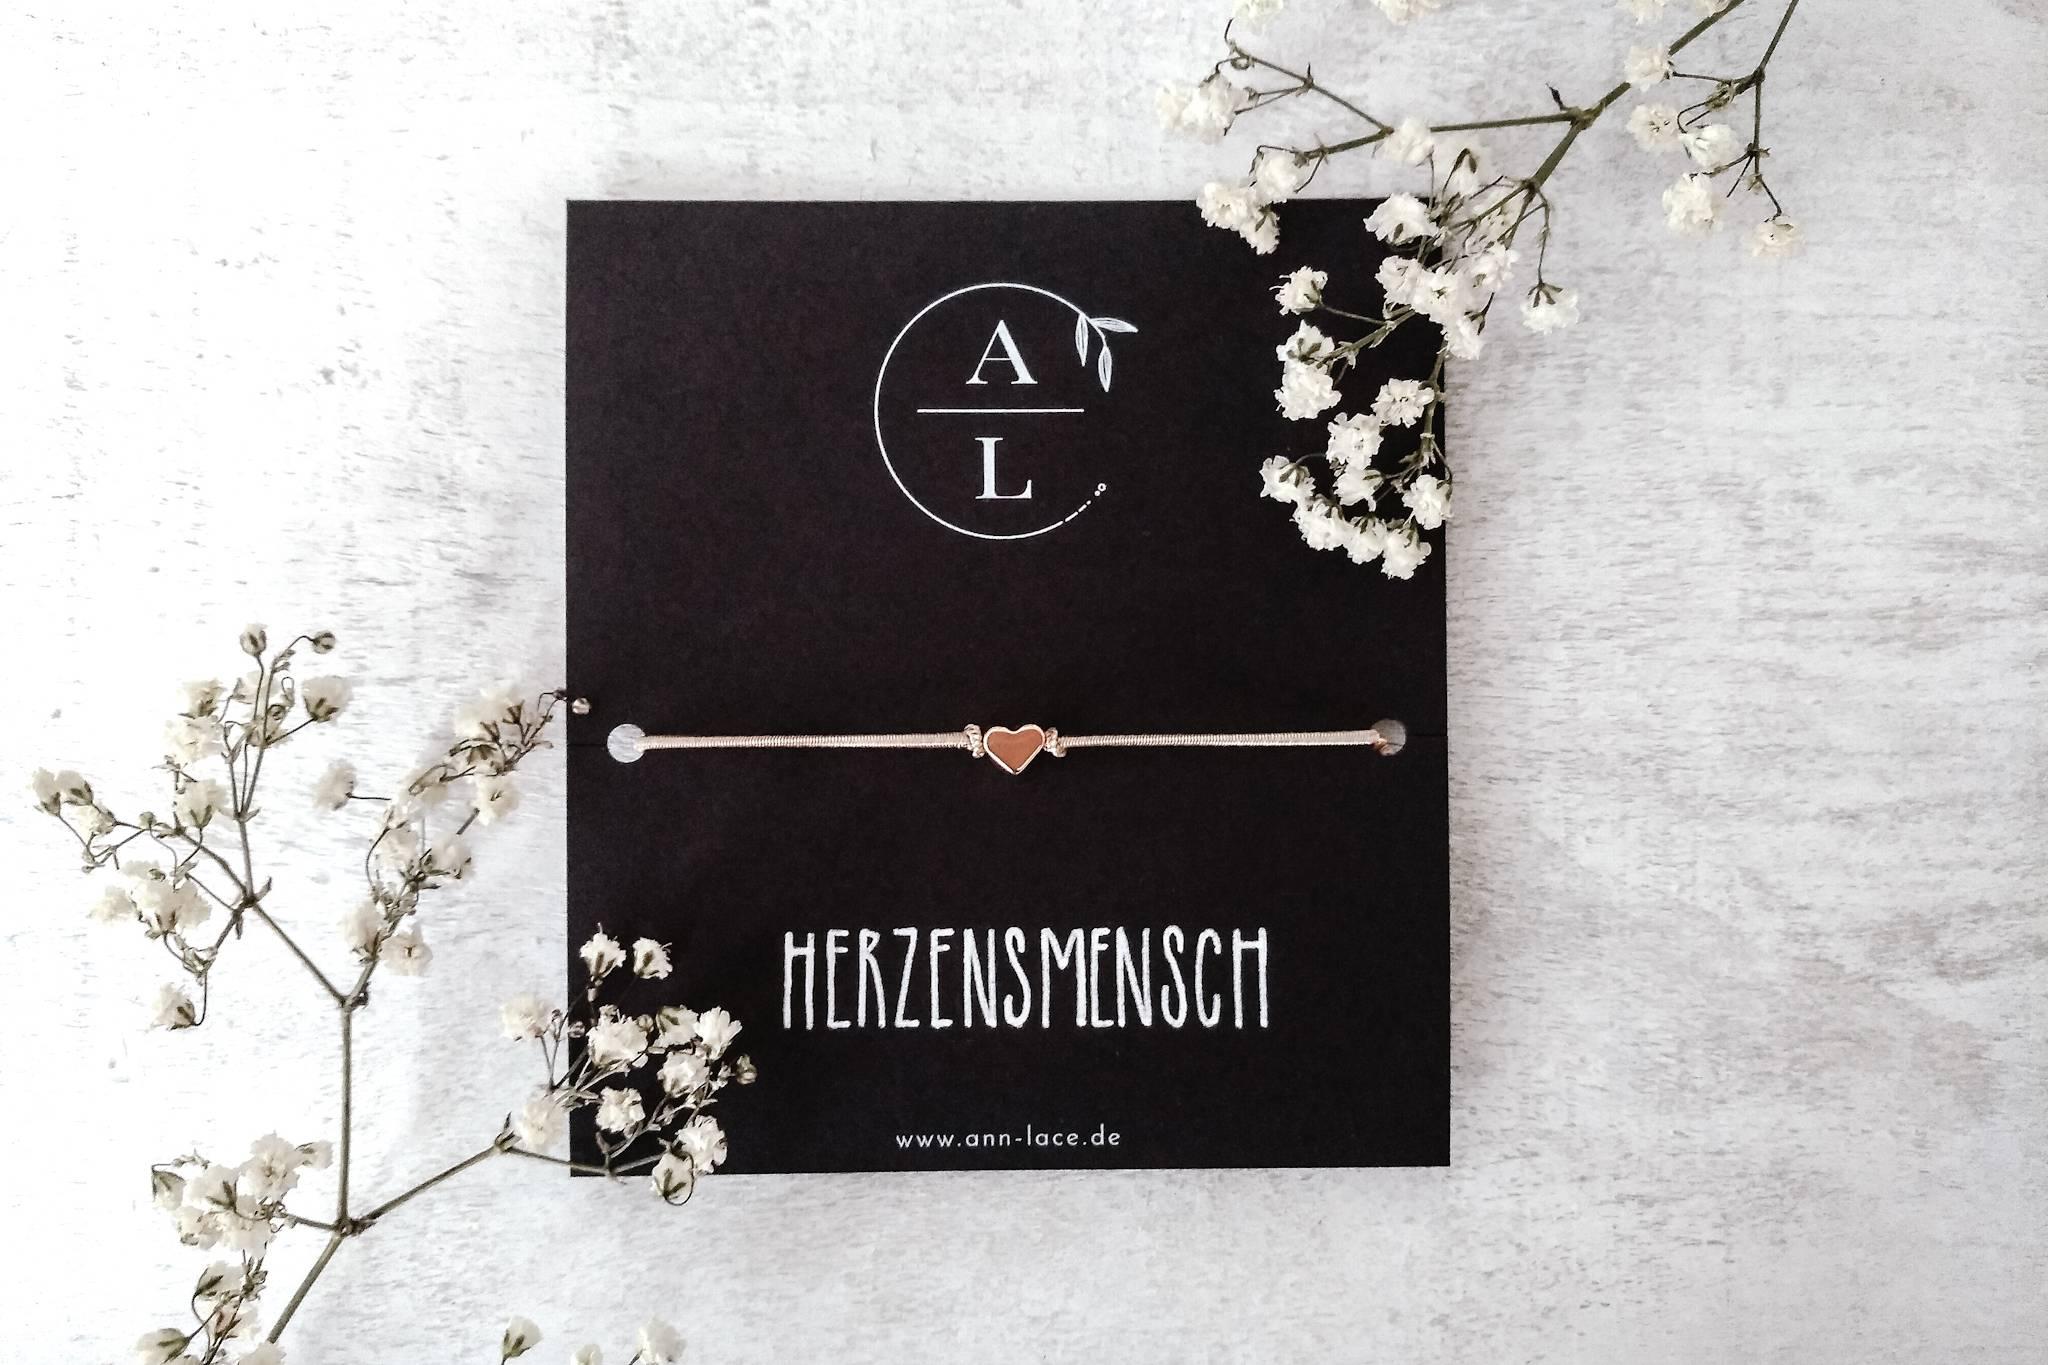 Ann Lace, handgemacht, Schmuckstücke, Bremen, indvidualisierbar, Geschenkidee, Handlettering